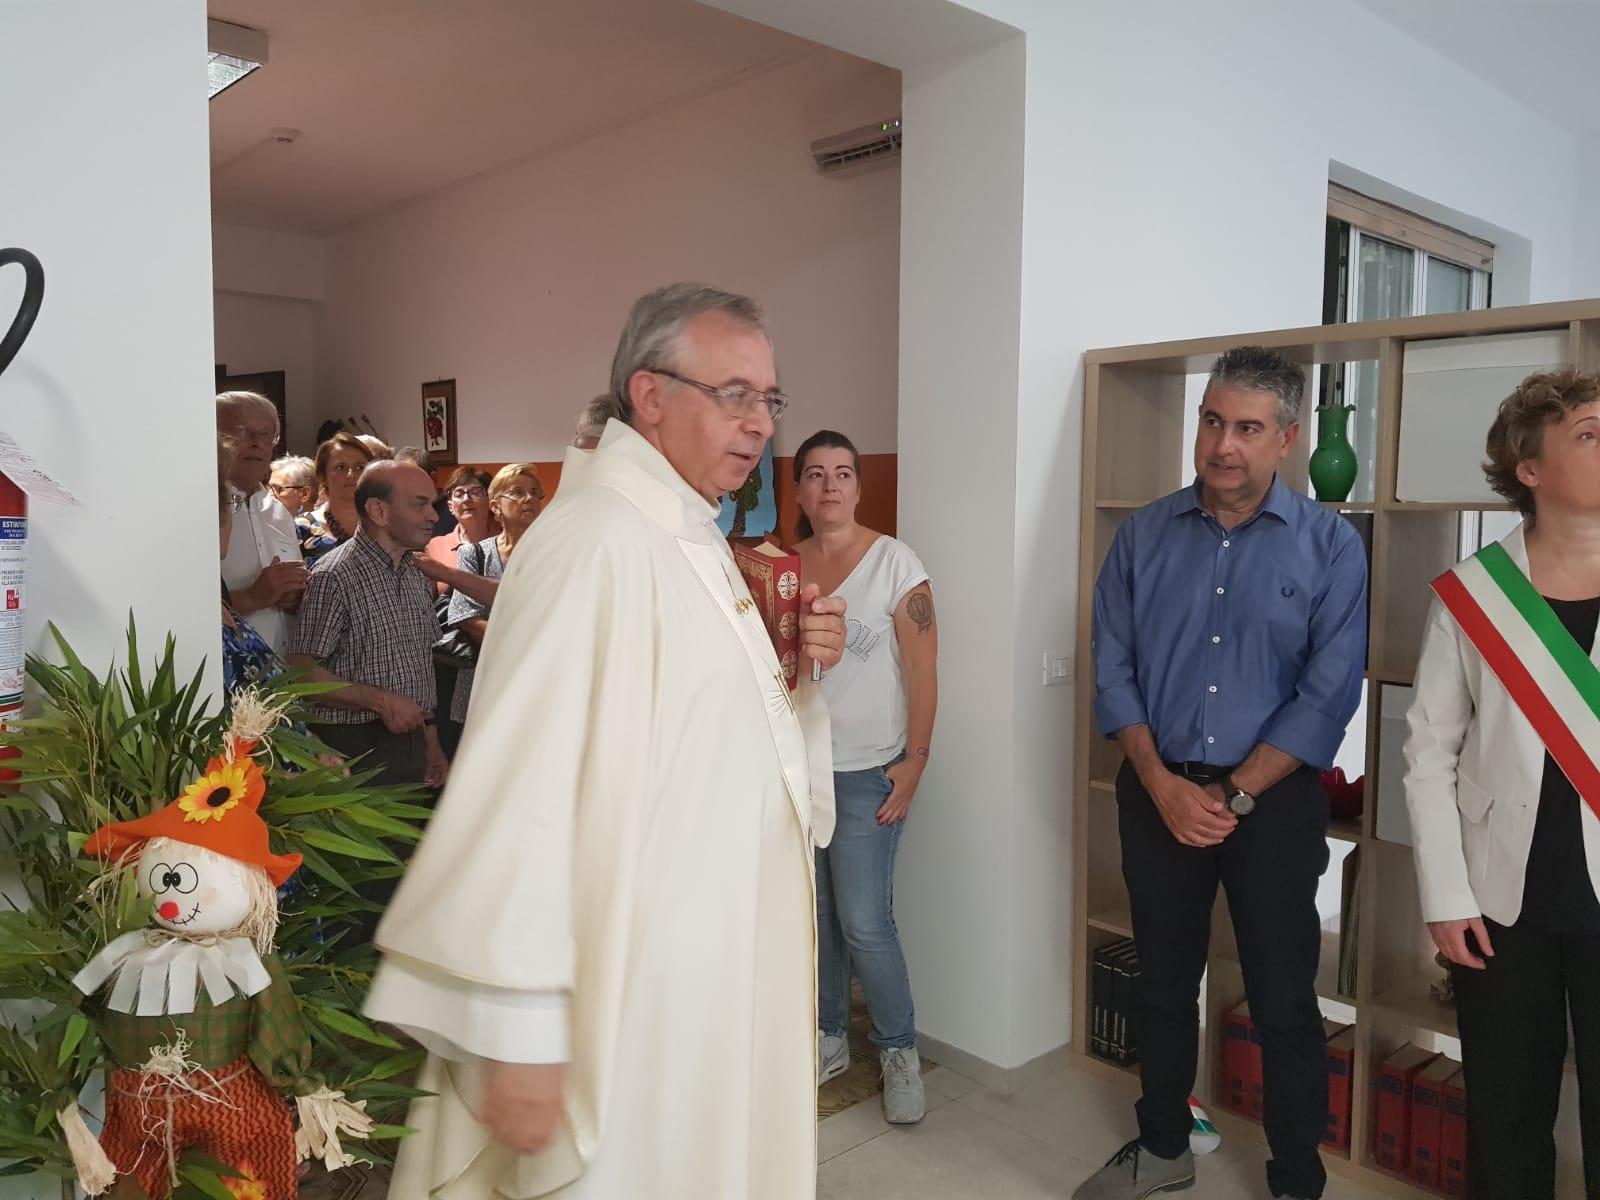 Festa S. Anna 2019 - Messa Inaugurazione (62)